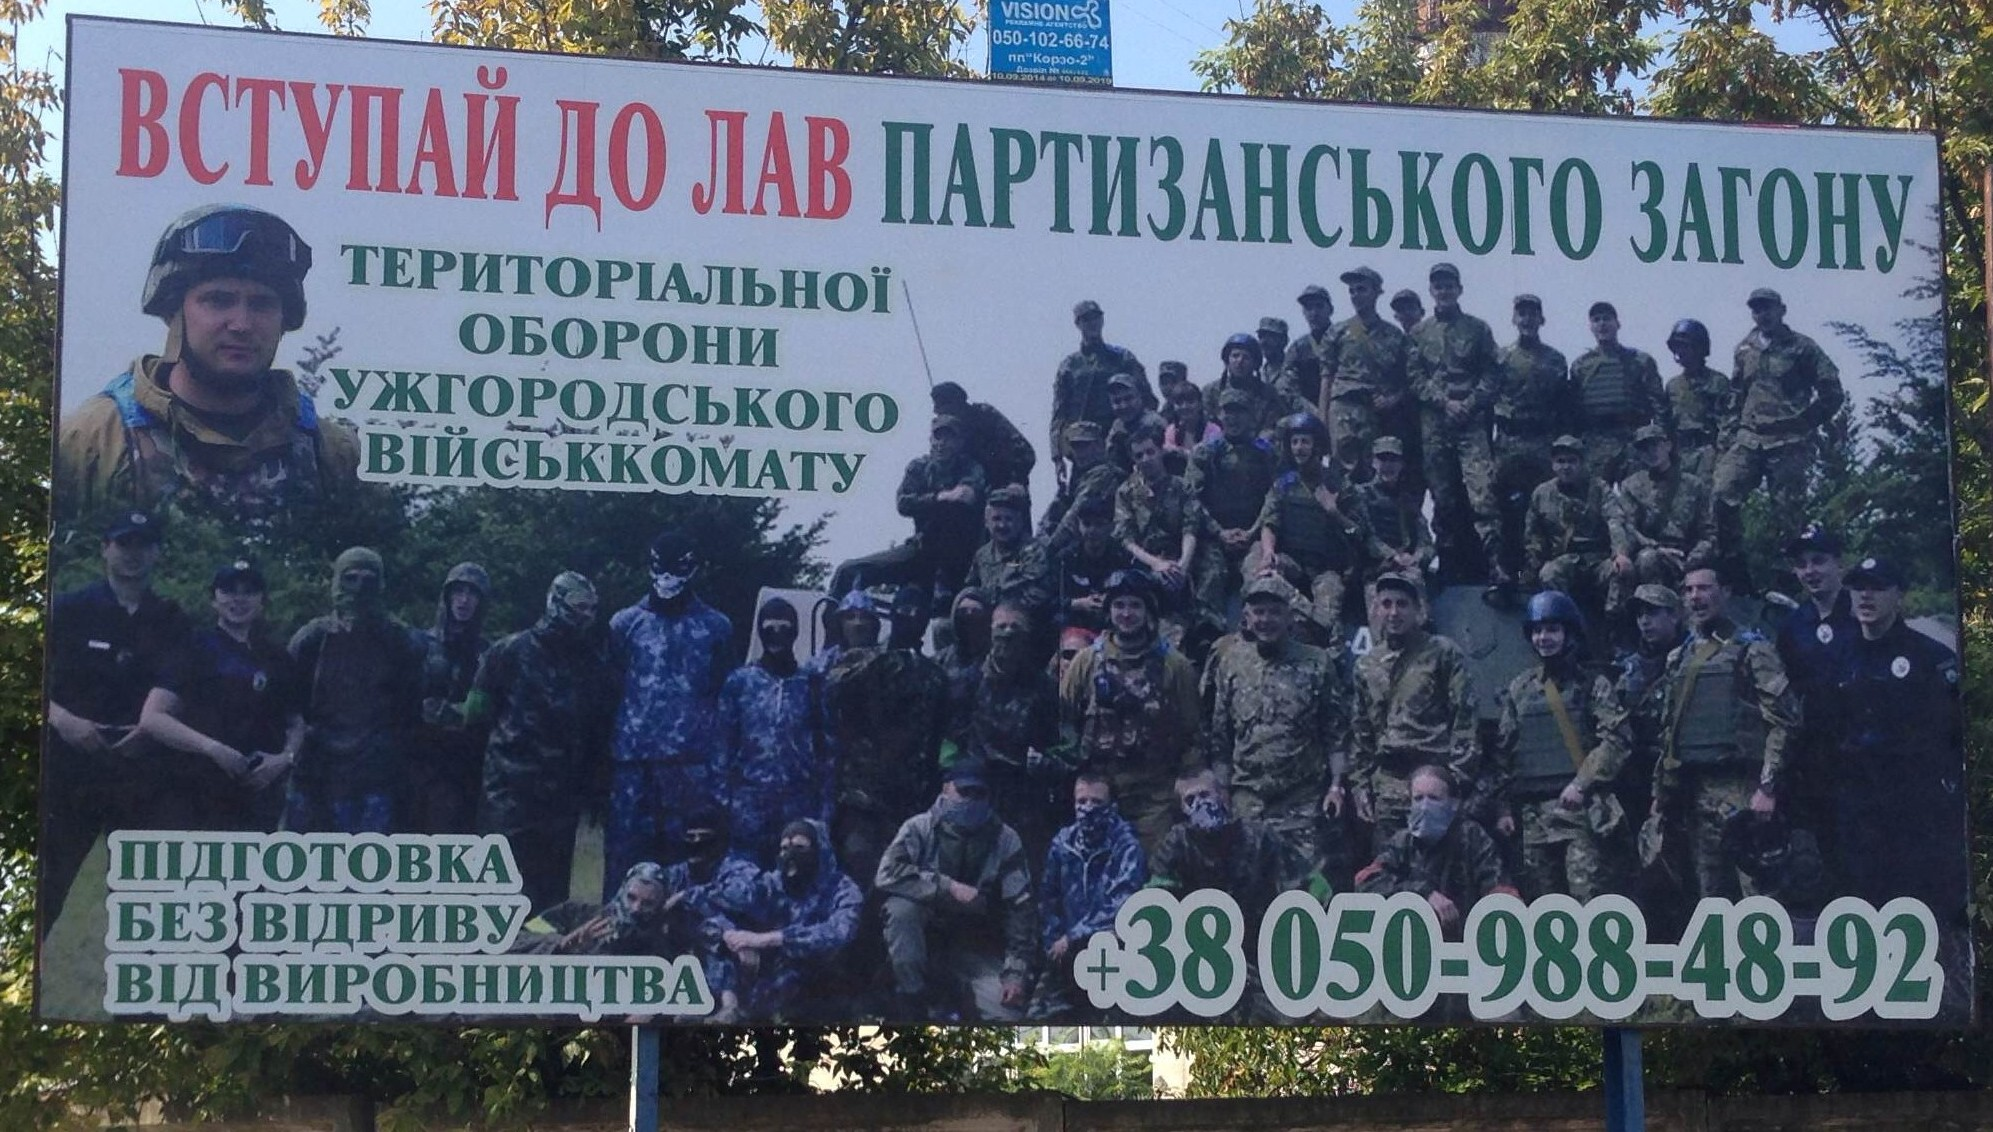 Ужгородців закликають приєднуватись до лав партизанського загону (ФОТО)